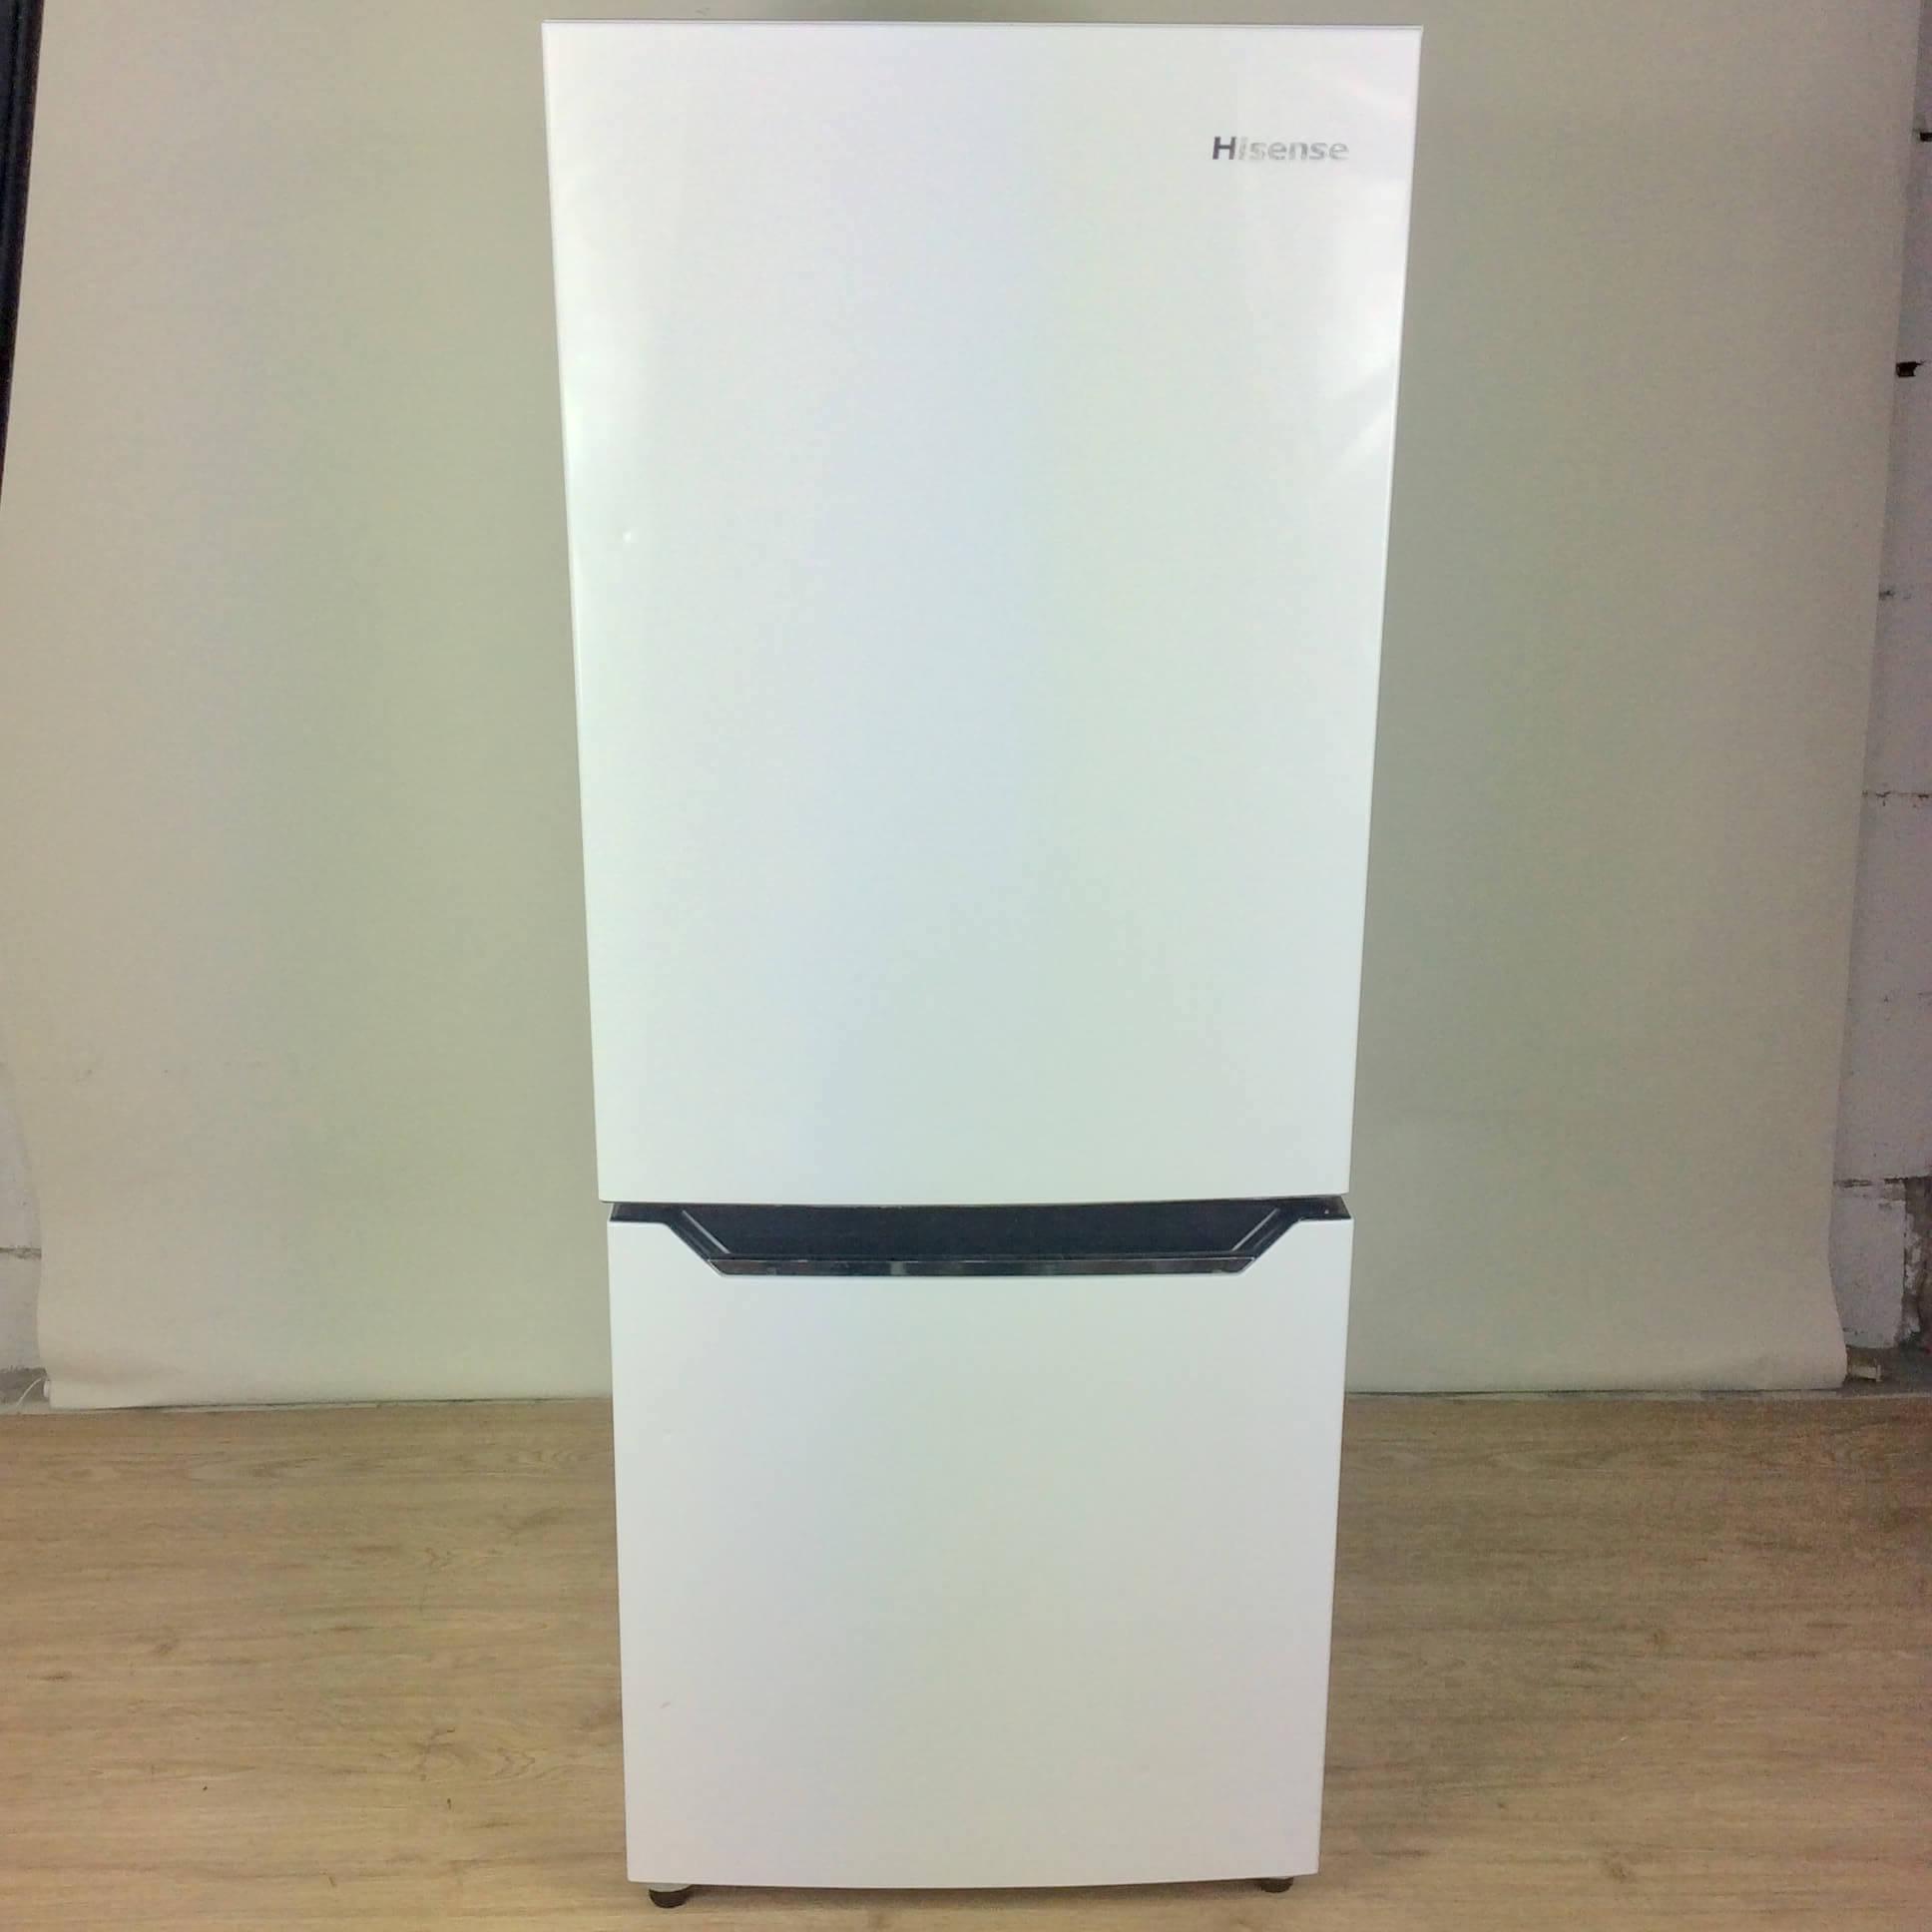 激安通販新作 【保証6ヶ月間】 ハイアール HR-D15C 冷凍冷蔵庫 150L 2019年製 ホワイト, 田川郡 cd261be4